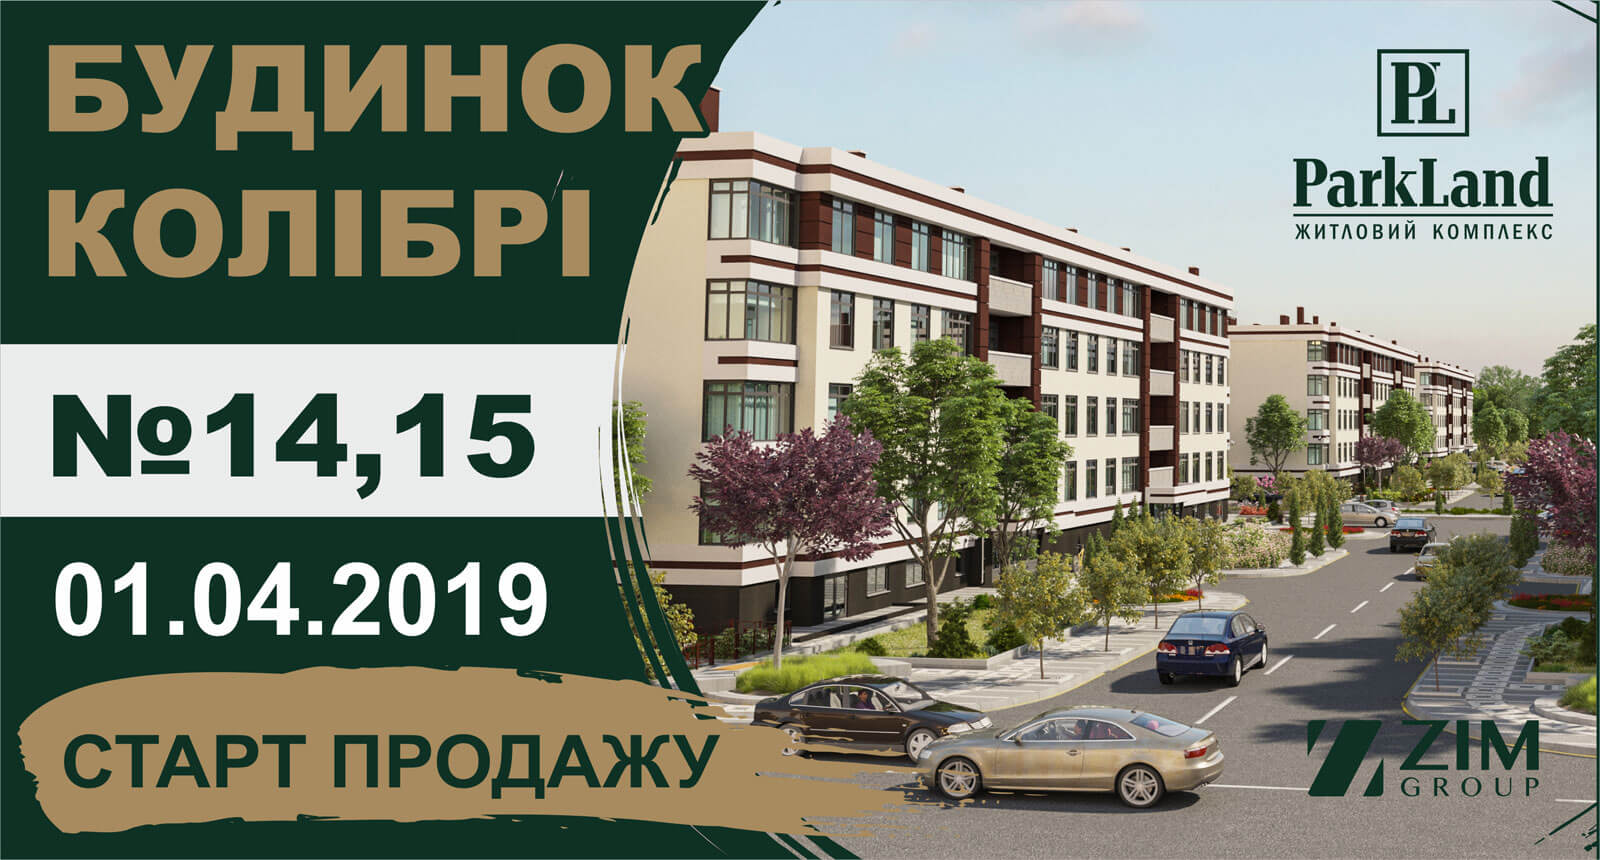 news-250319-pl-urk